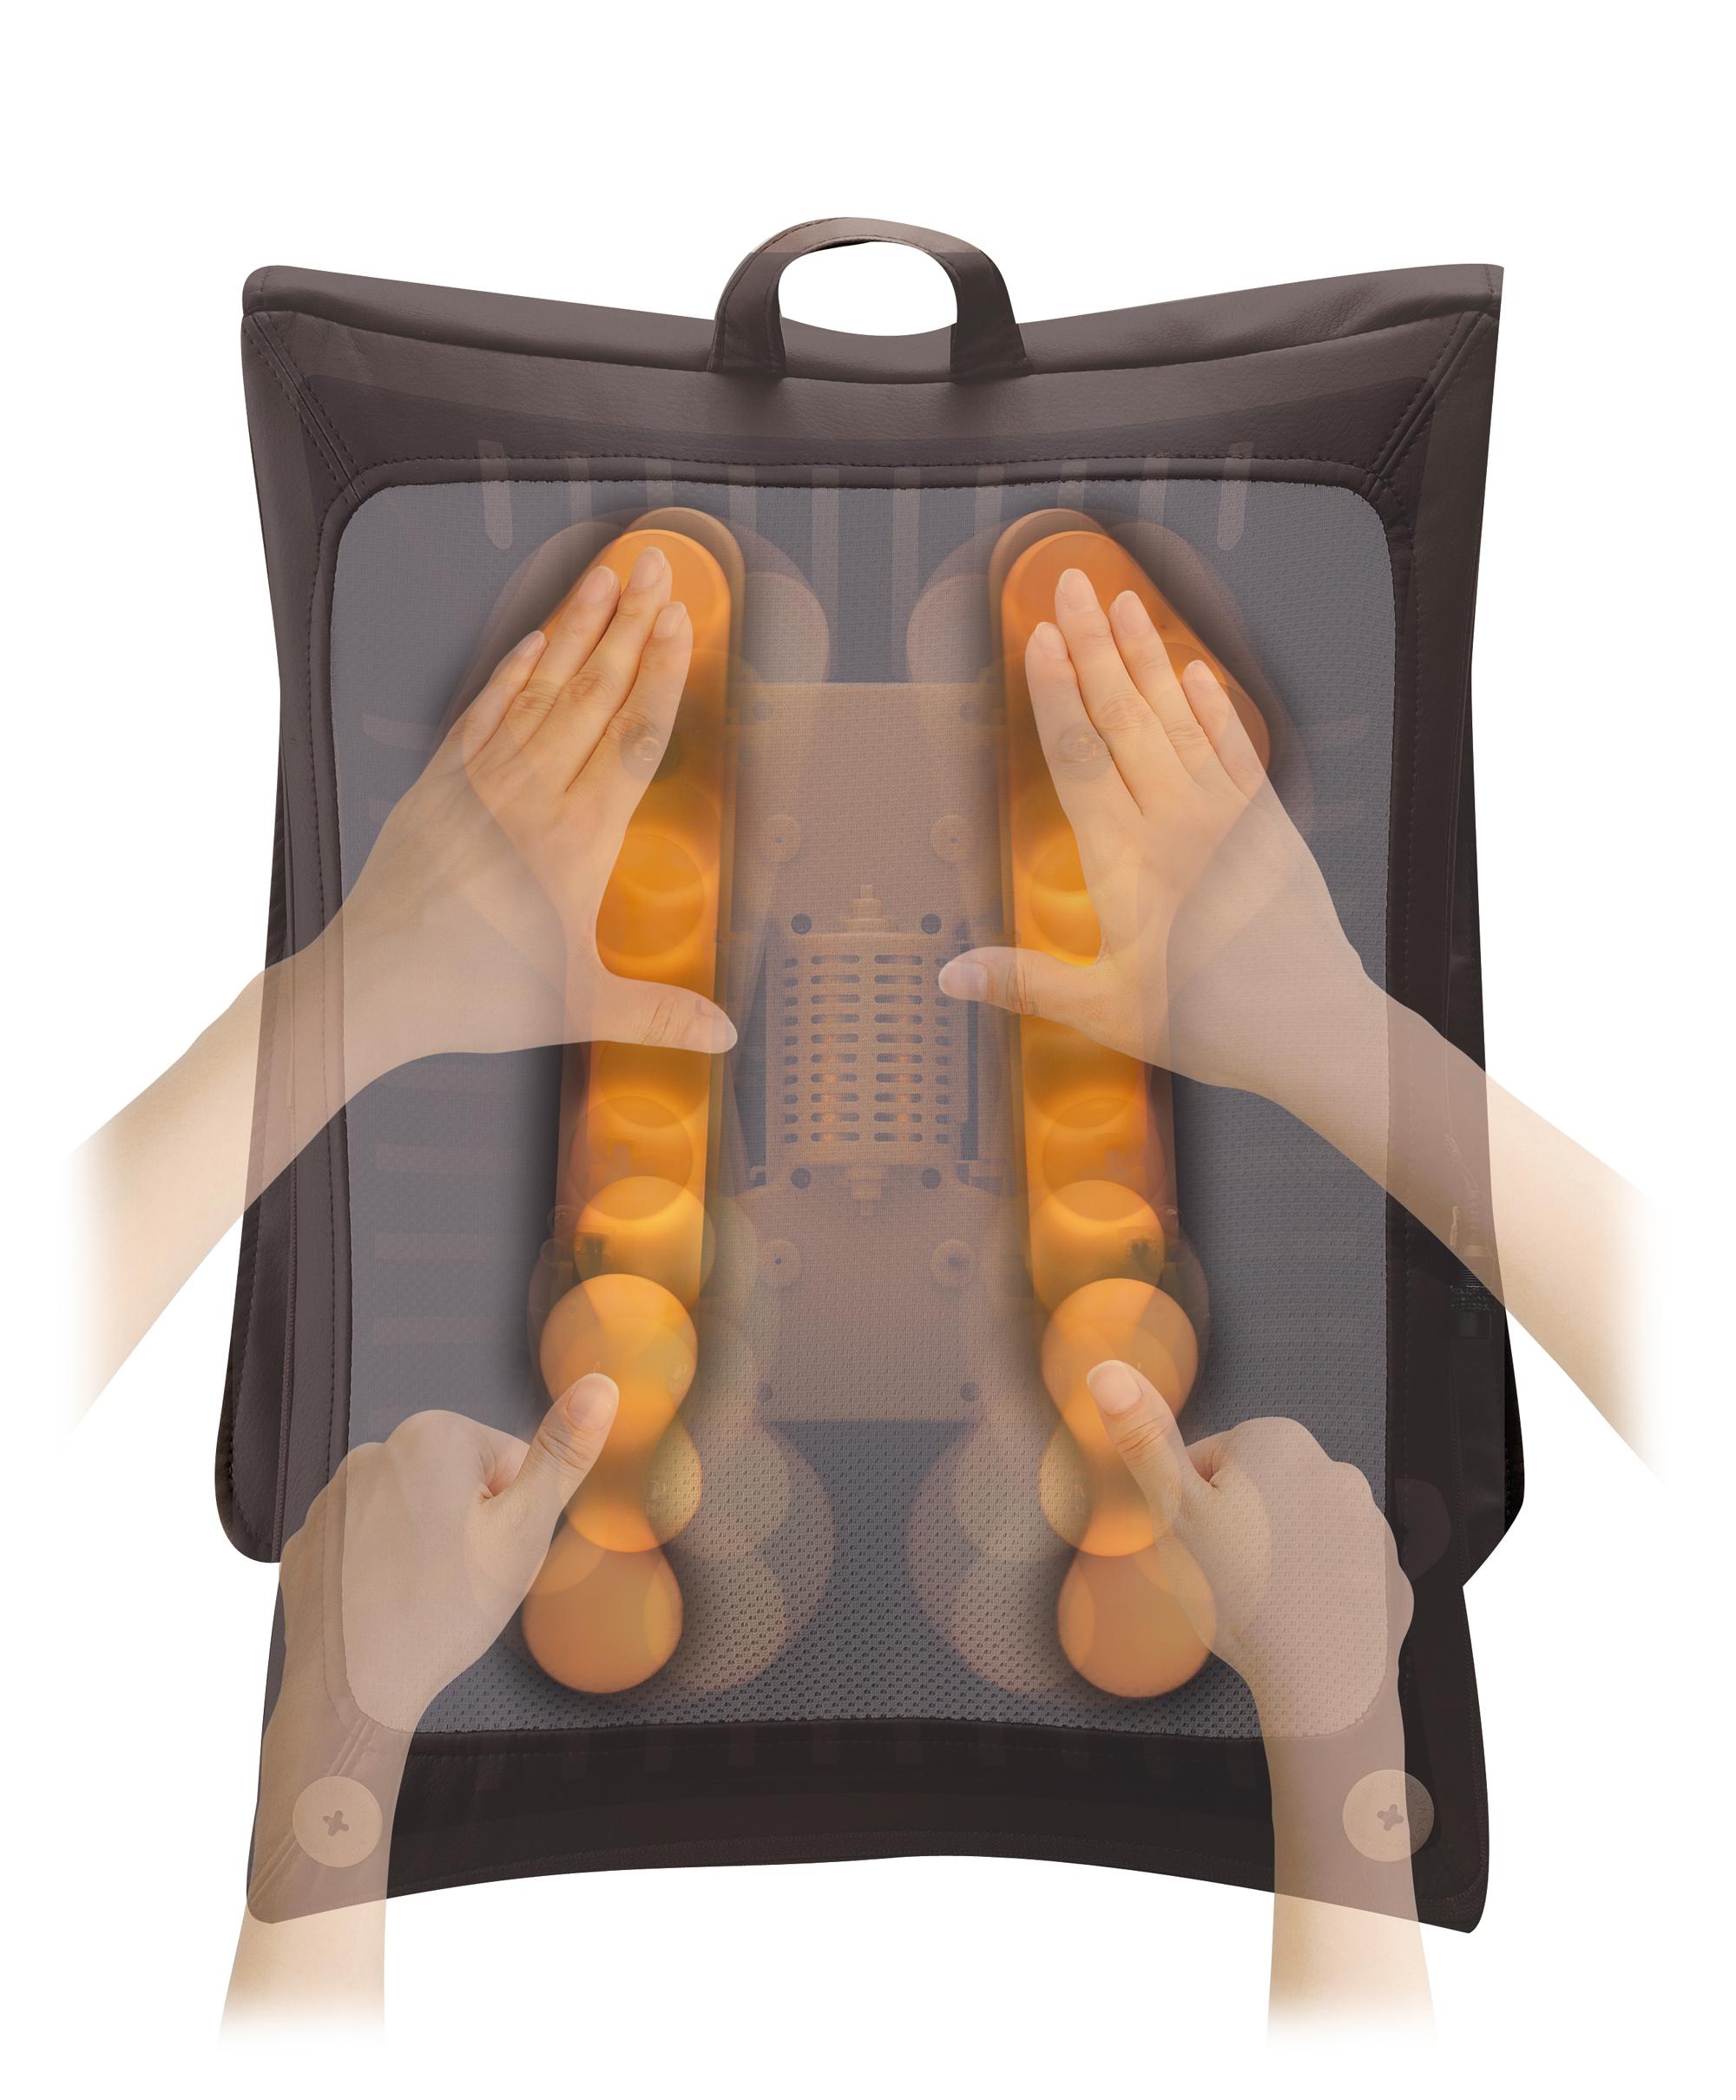 「さすり揉み」と「振り子揉み」を組み合わせて心地よいマッサージを提供するという